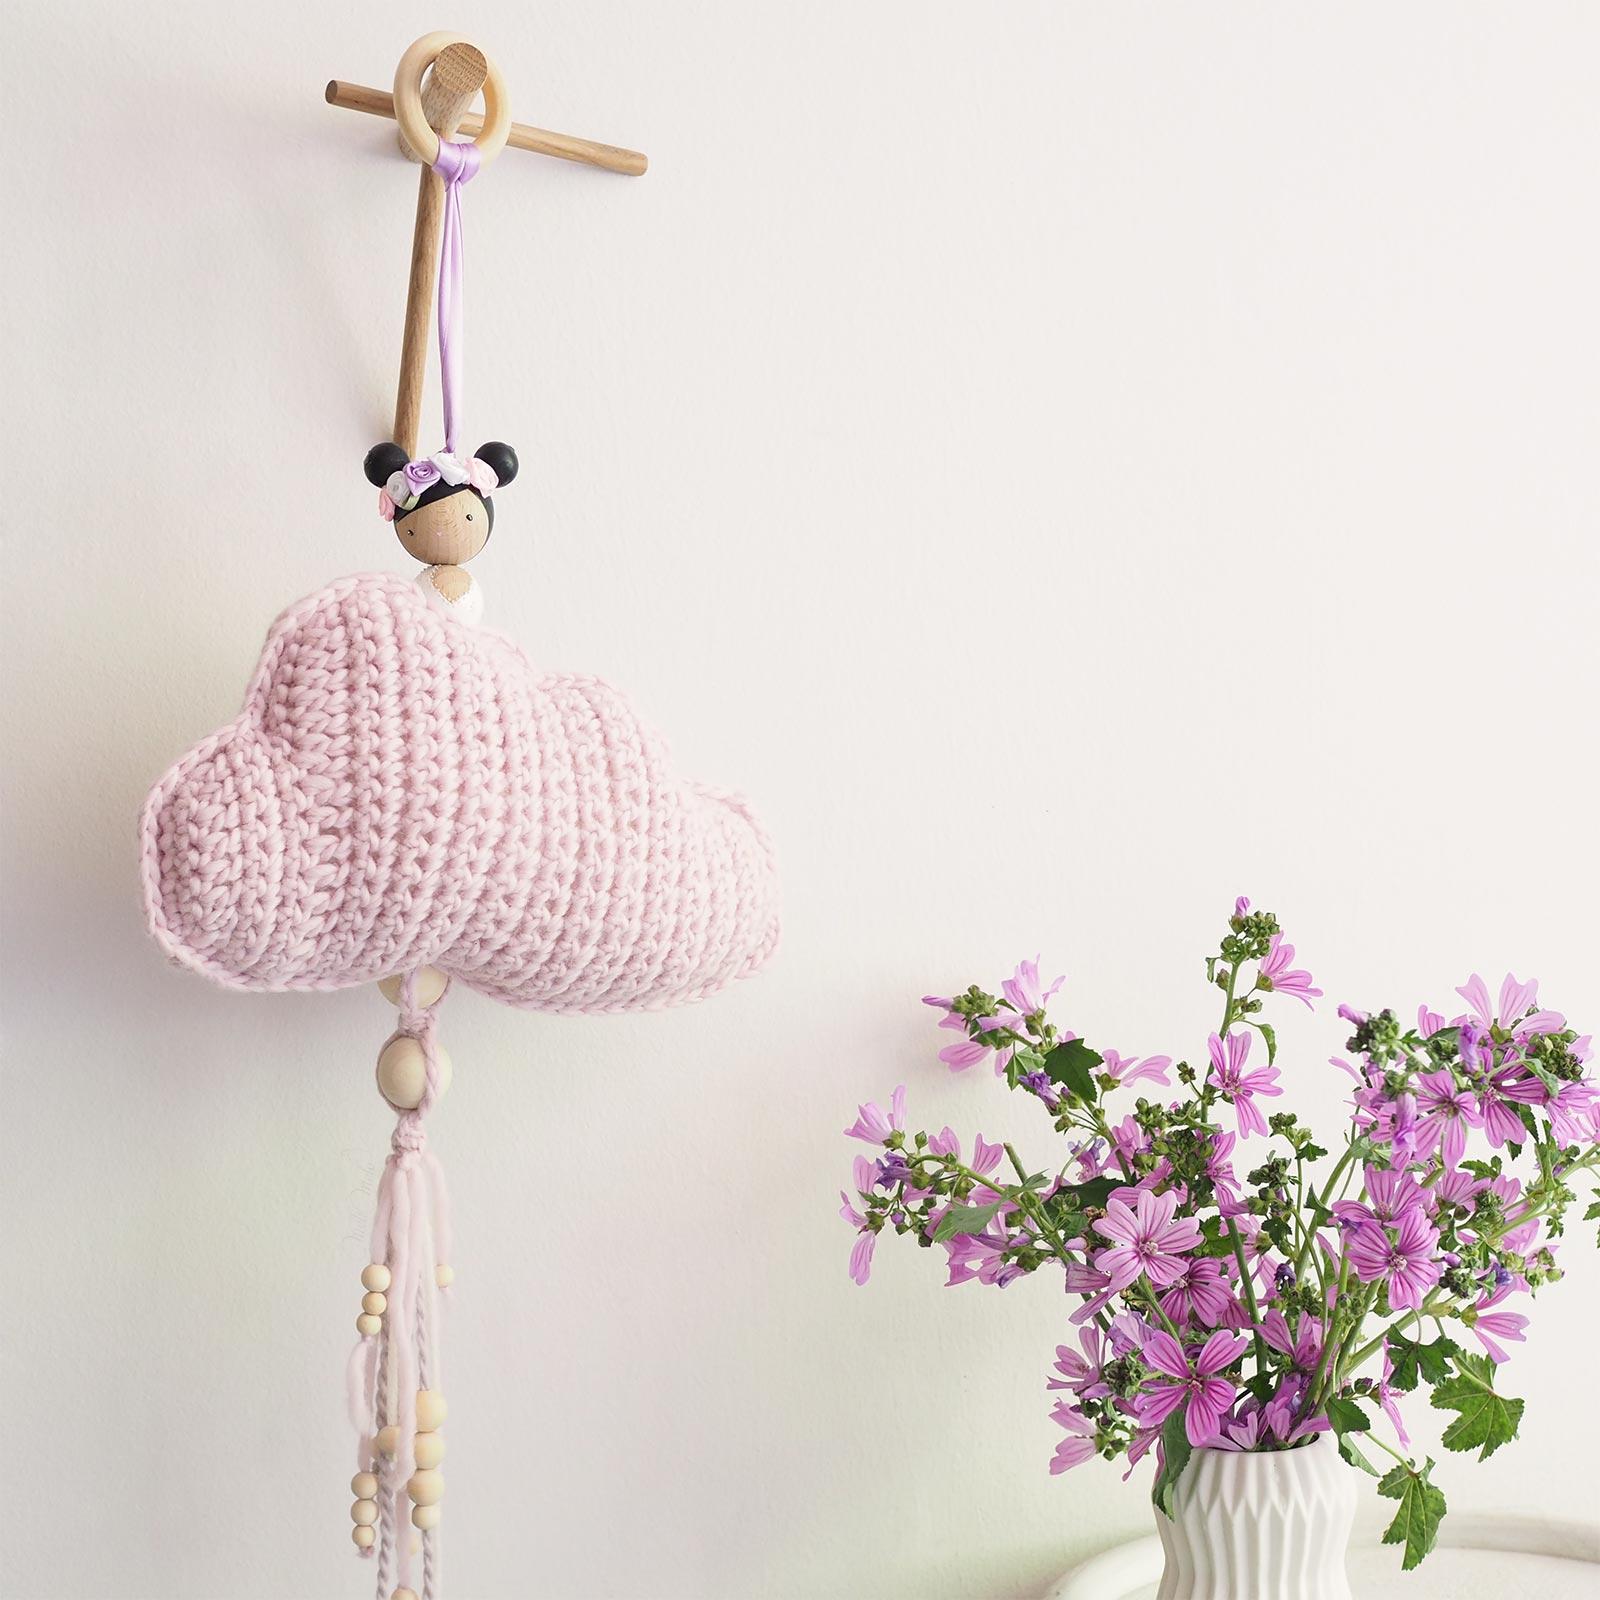 suspension nuage ange décoration crochet poupée couronne fleurie laboutiquedemelimelo